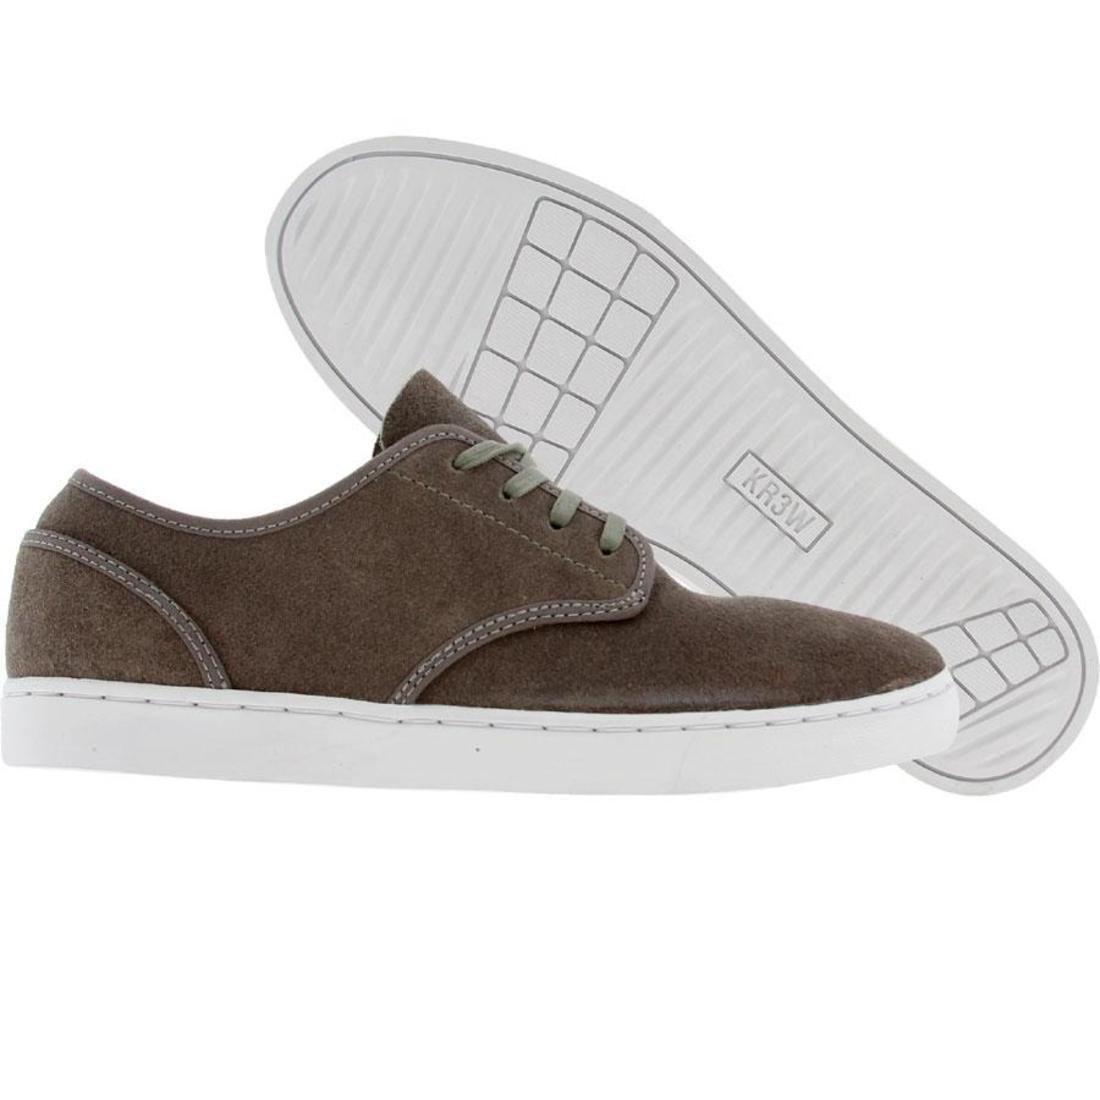 【海外限定】メンズ靴 靴 【 KR3W GRANT LOW GREY OILED SUEDE 】